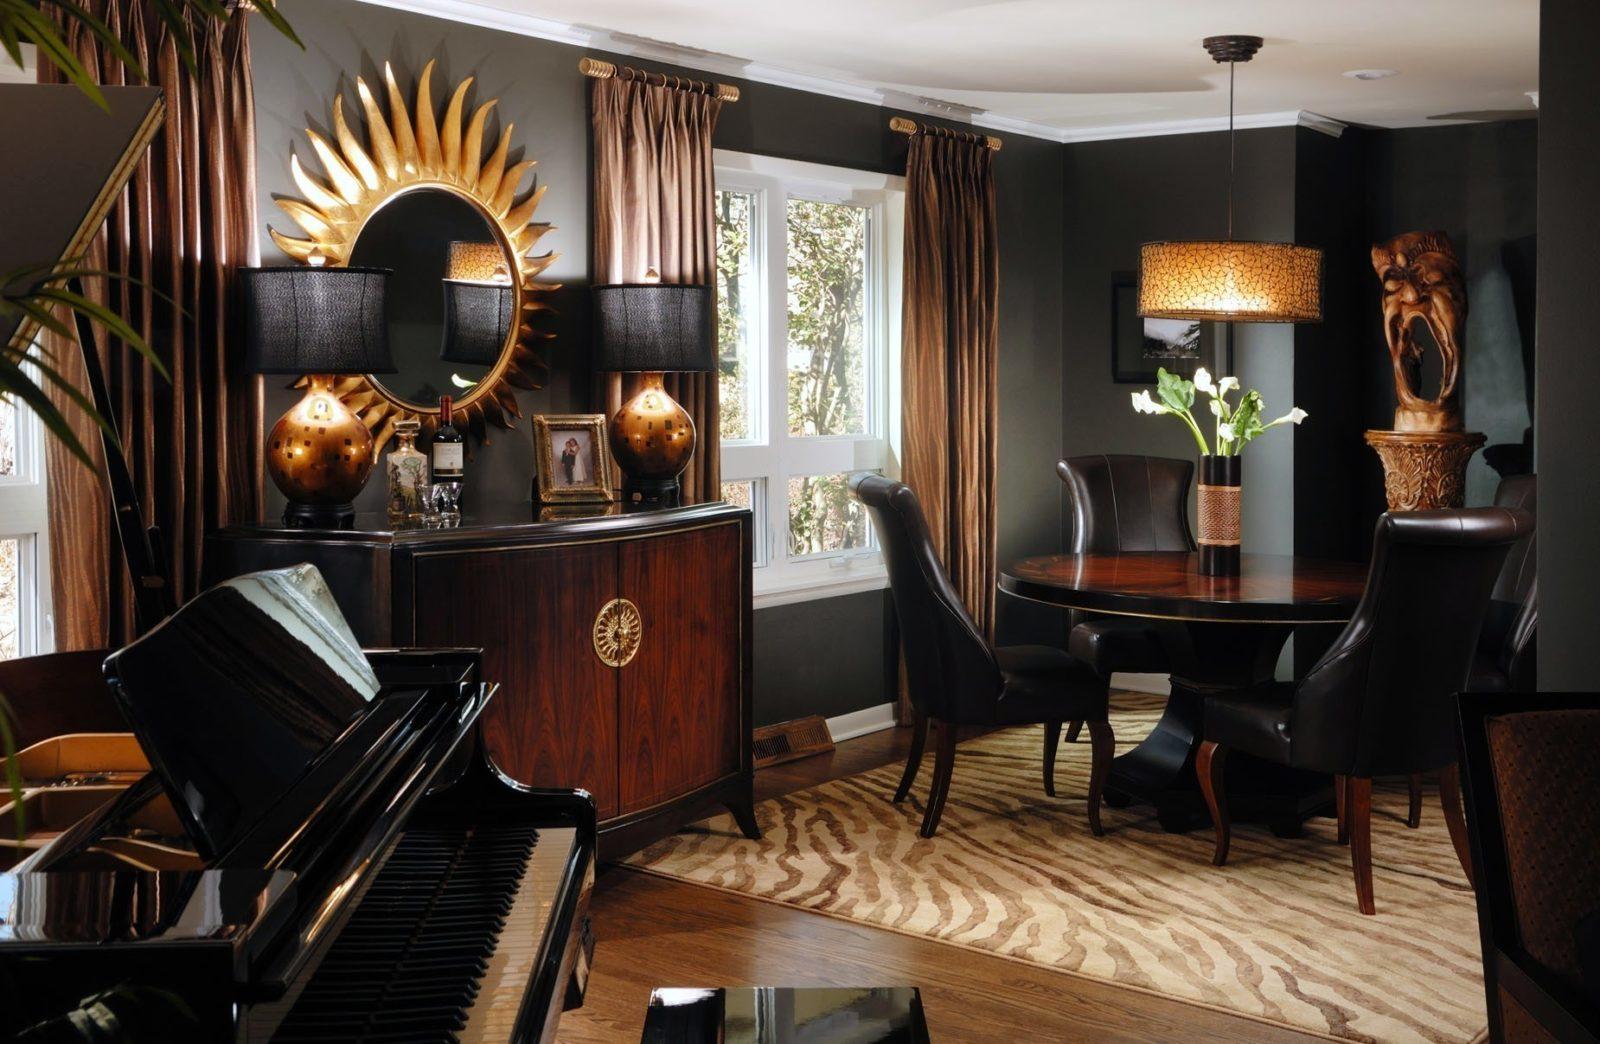 Квартира в африканском стиле. Африканский дизайн